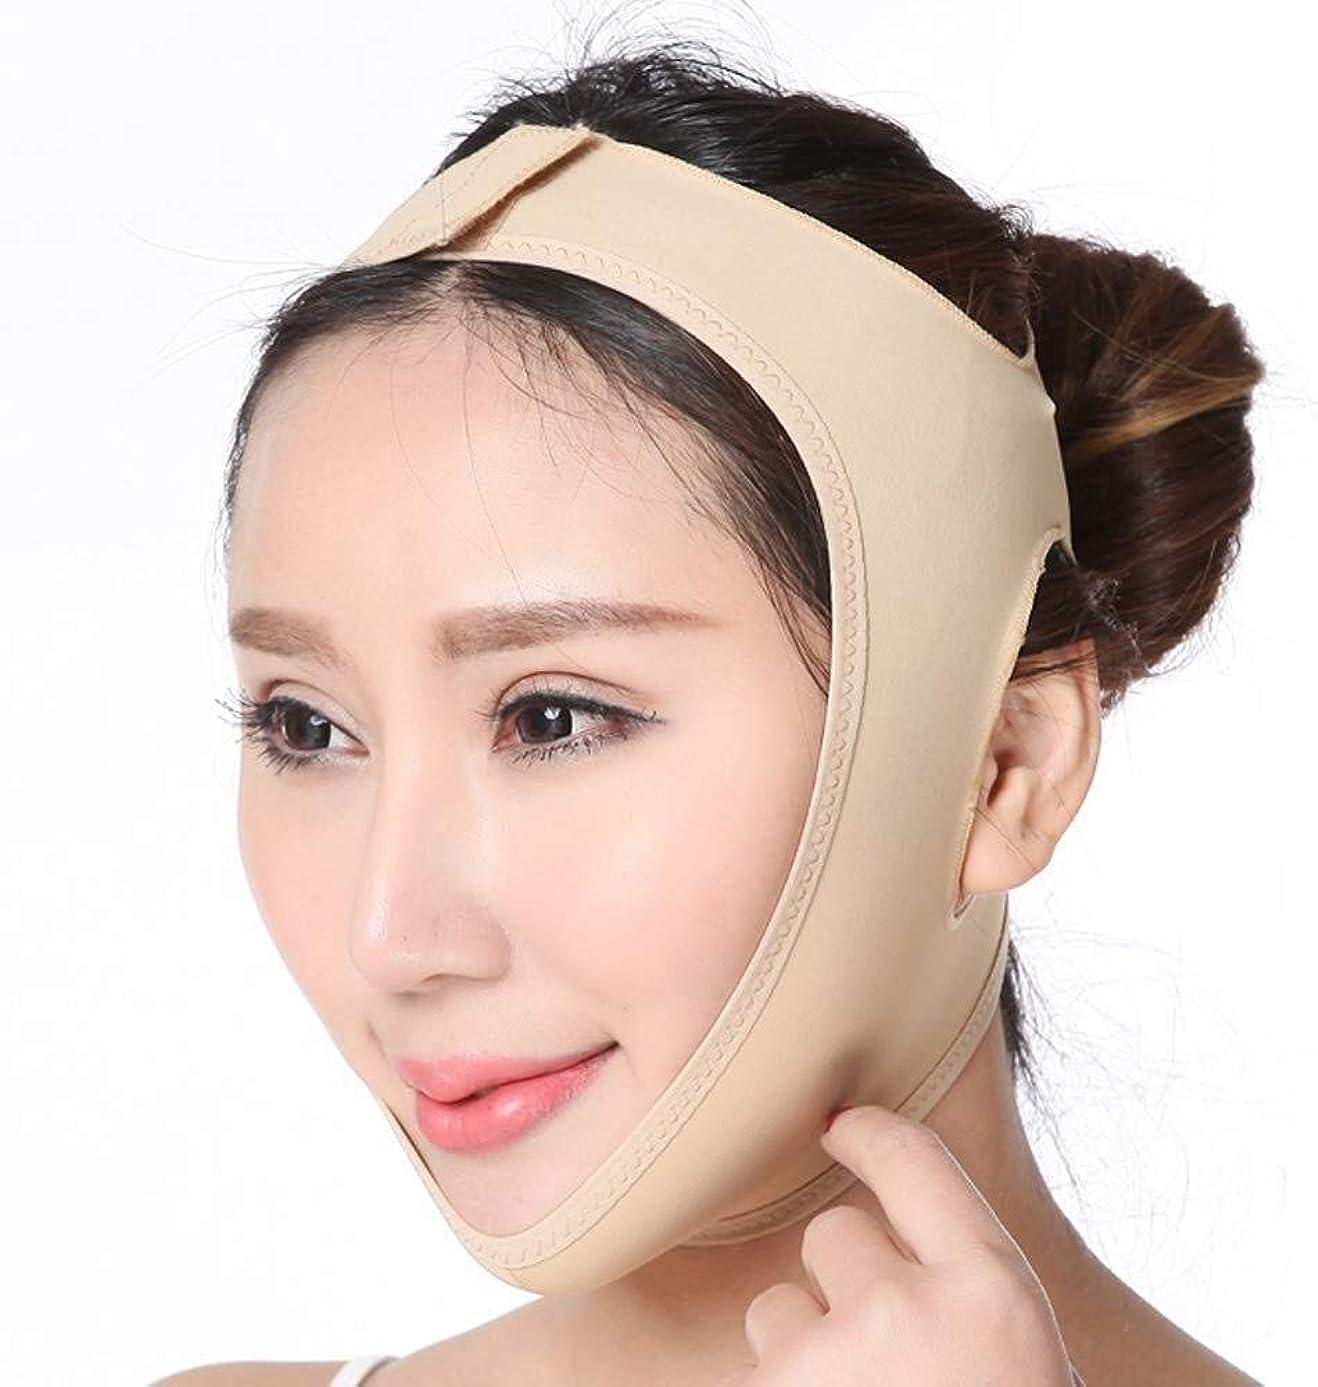 上げる返済雑草JN 薄い顔ベルト、超薄型通気性のVフェイス薄い顔は、咬筋を削除するには二重あごを持ち上げる4つのサイズのフェイスリフティング包帯マスク たるみ防止マスク (Size : S)